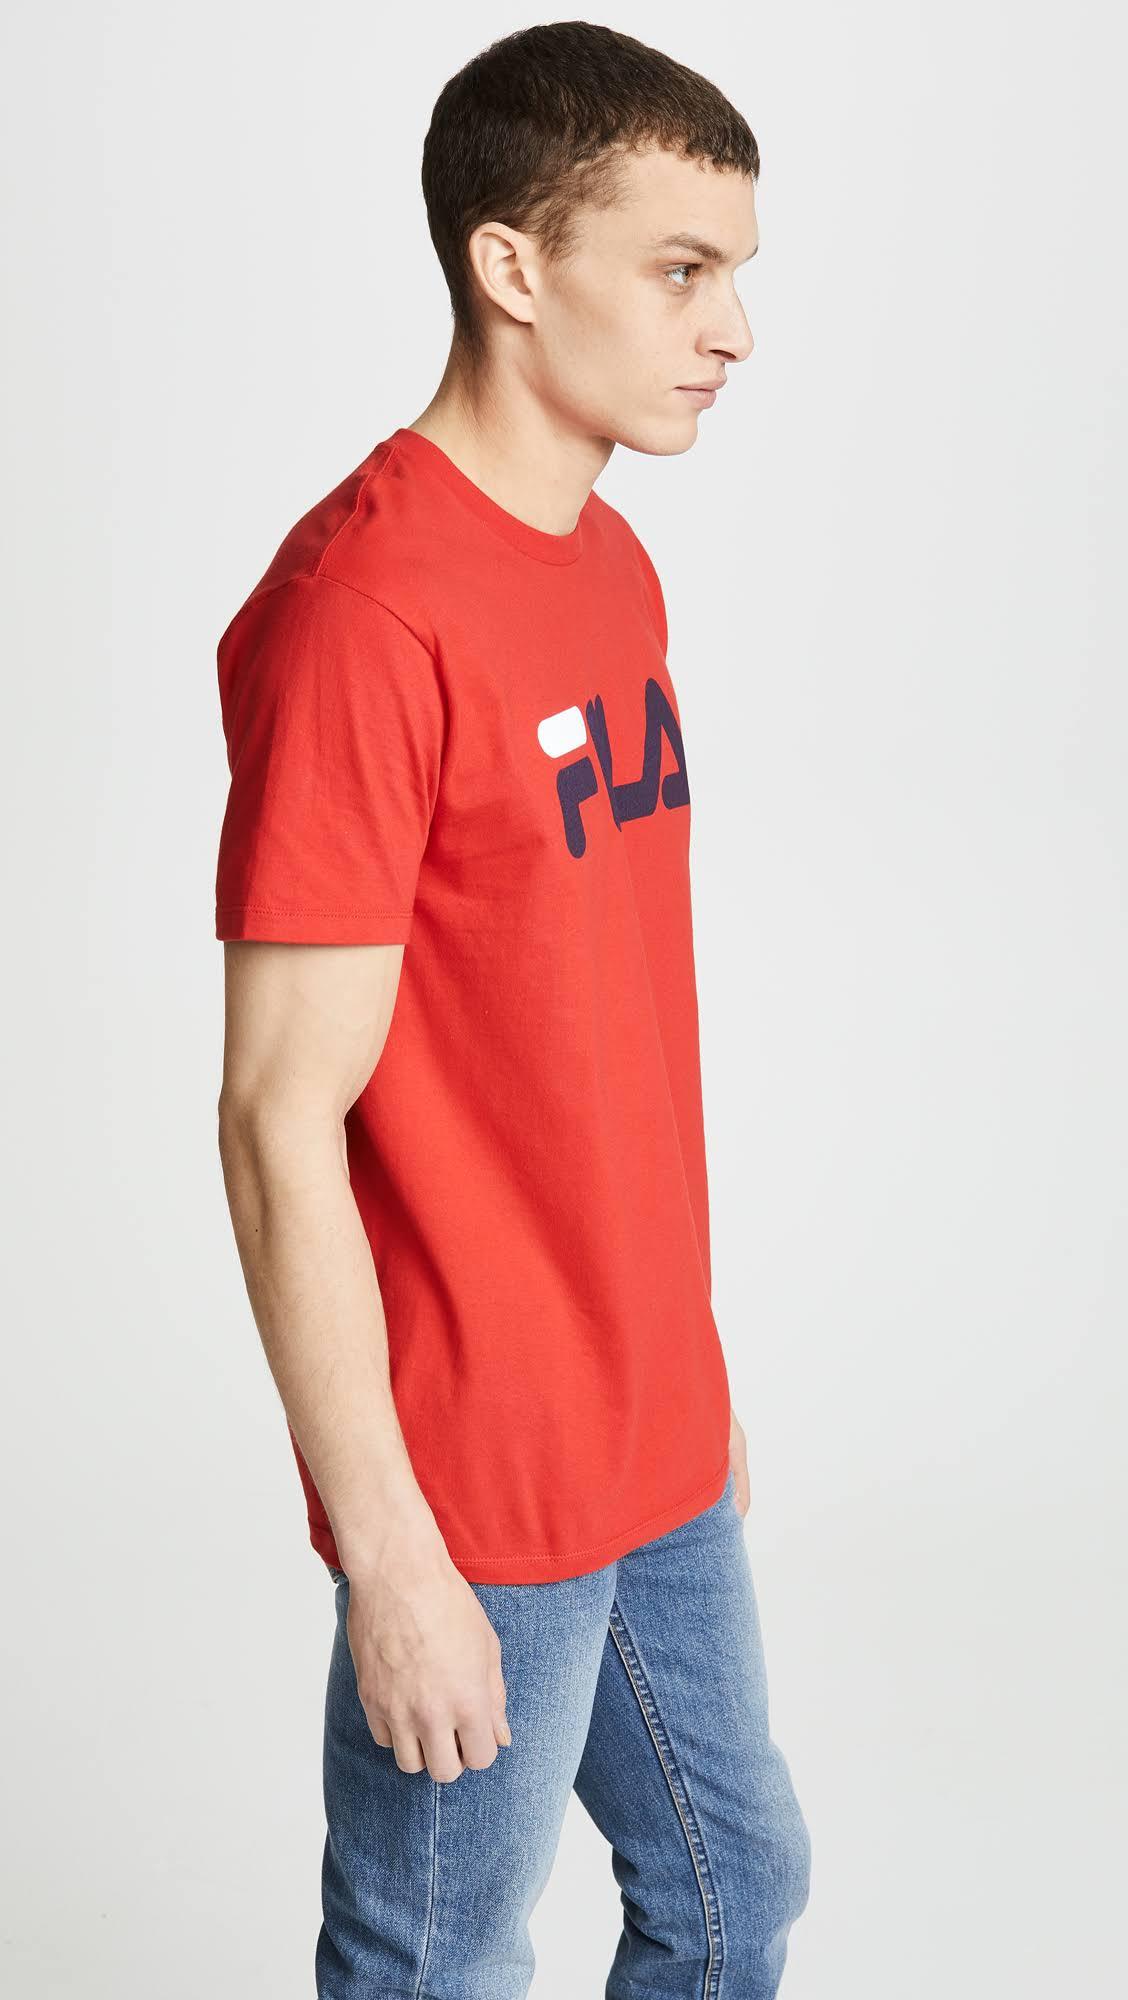 Chino Fila Rojo Tee M Logo q6pnwEZzx